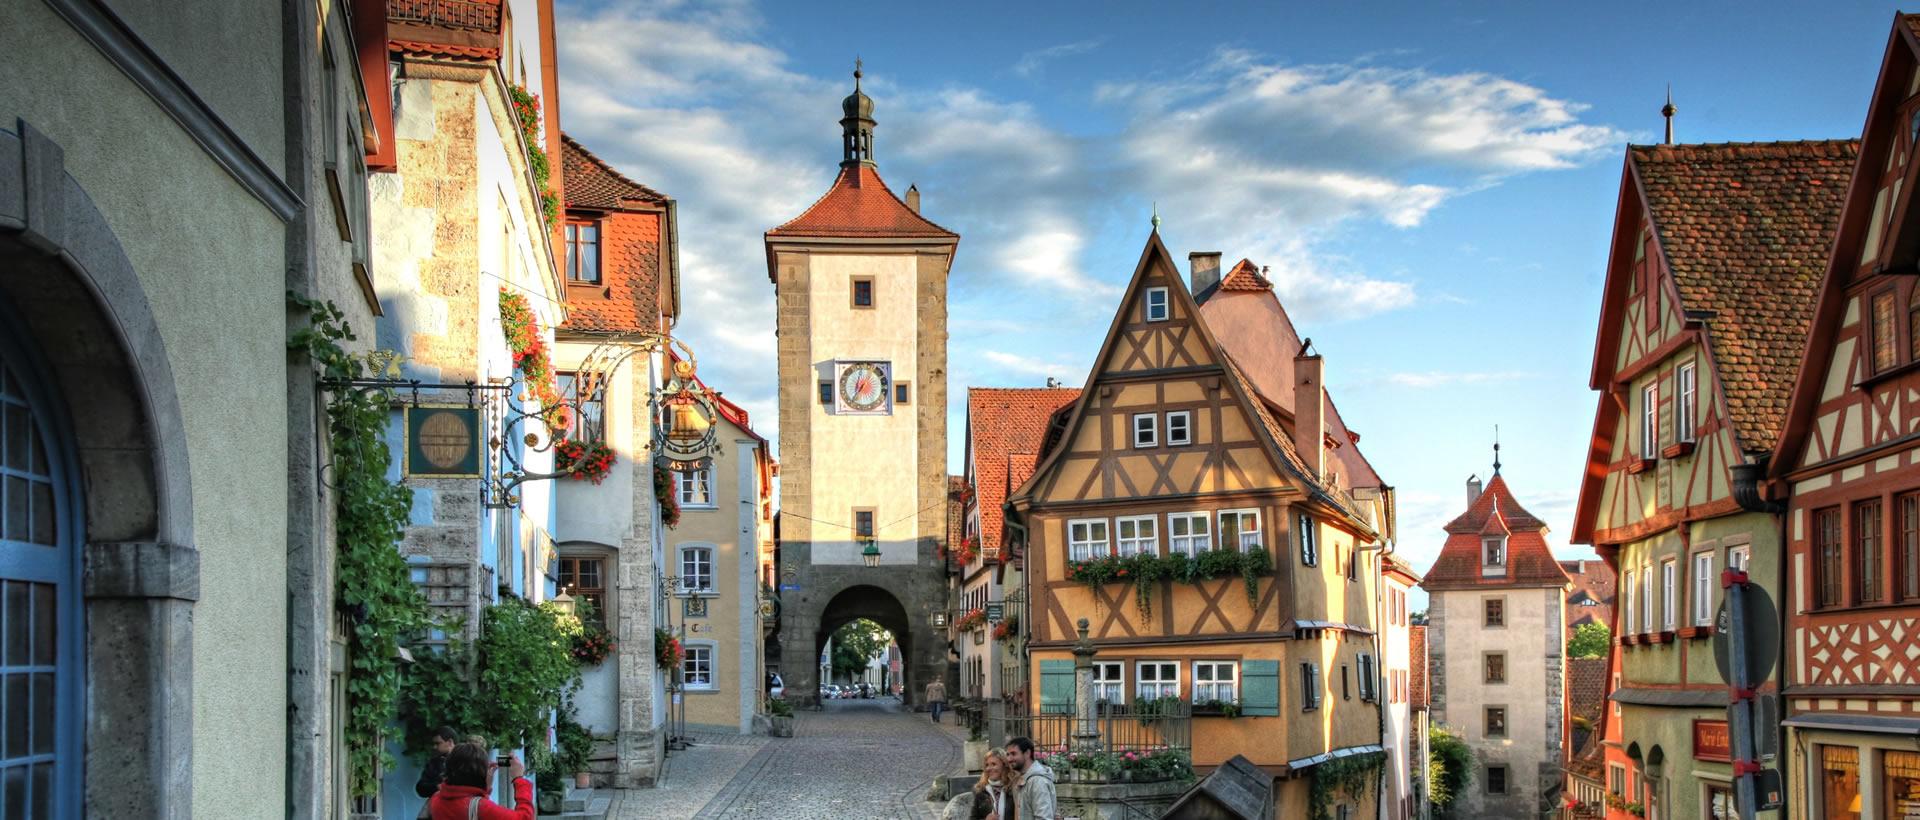 Rothenburg erleben